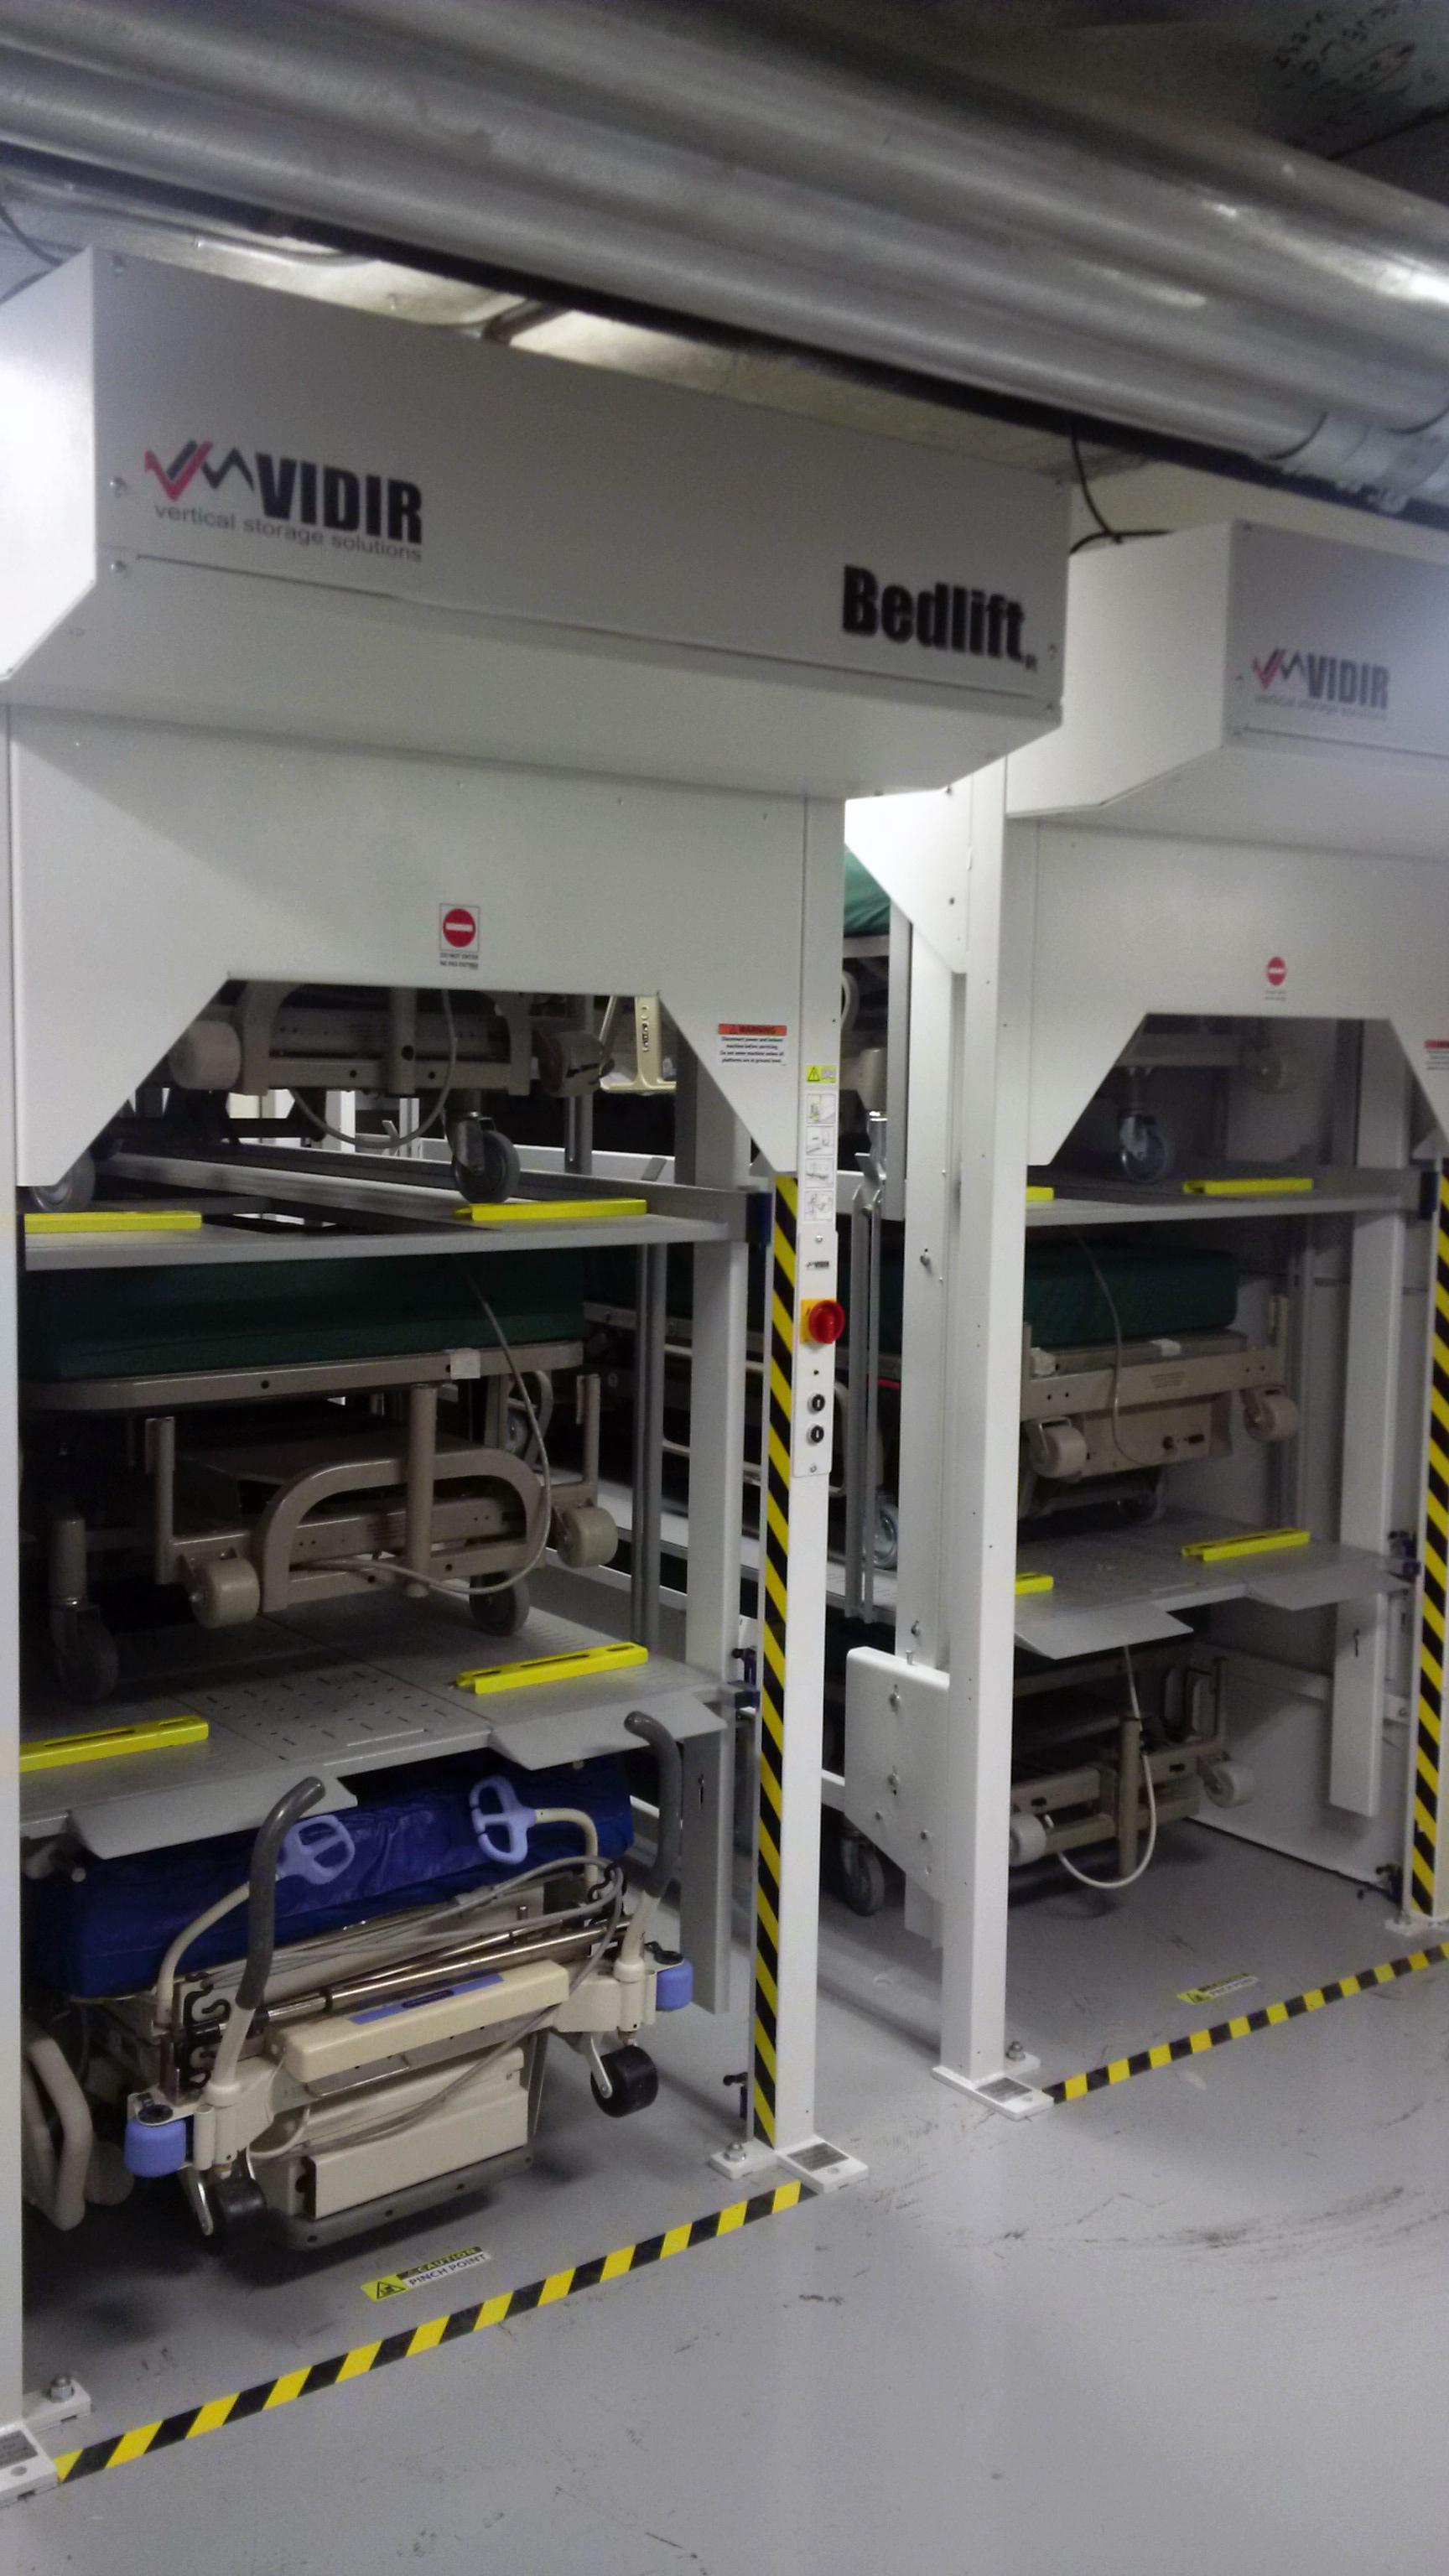 Bedlift Units-Vidir